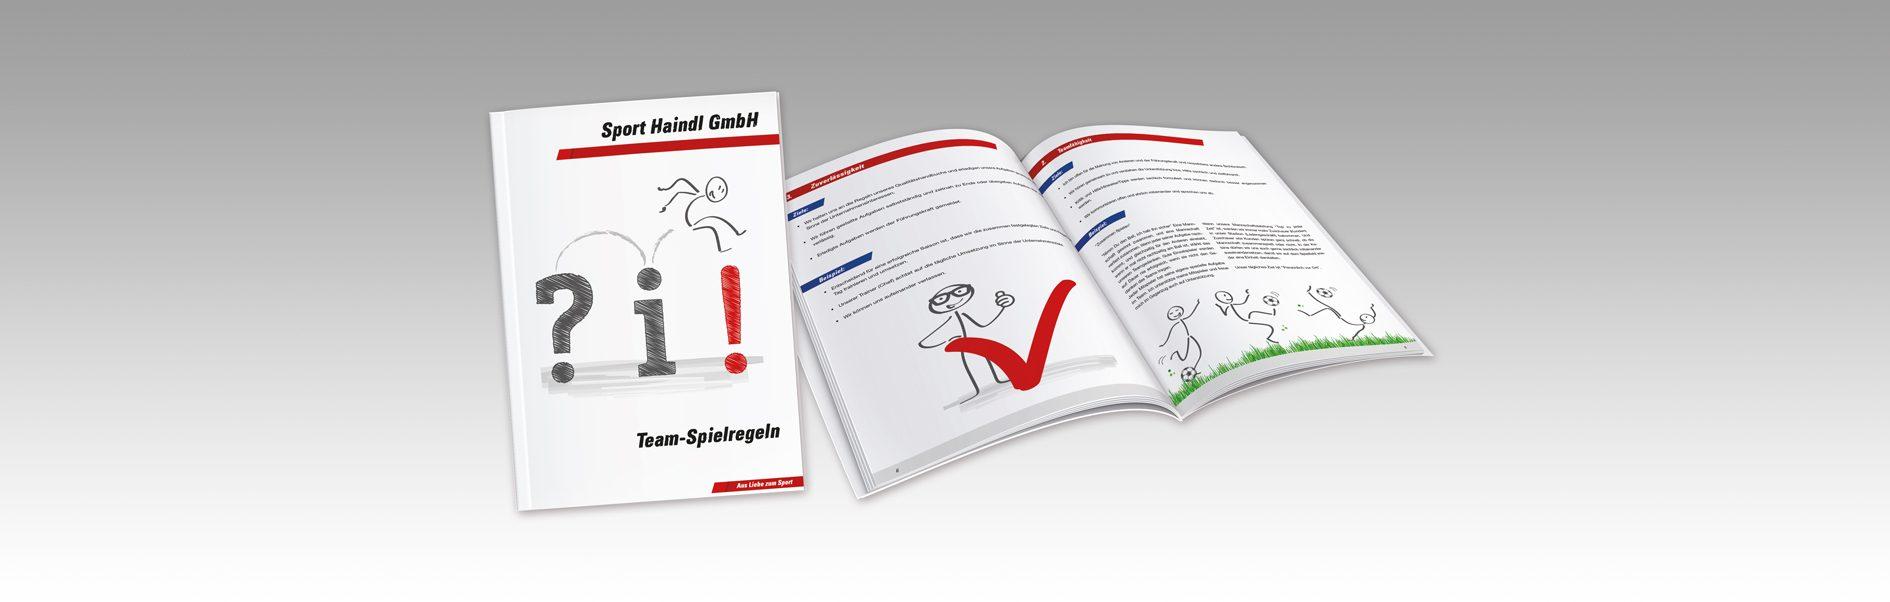 Hier ist das Intersport Haindl Spielregeln Handbuch abgebildet.